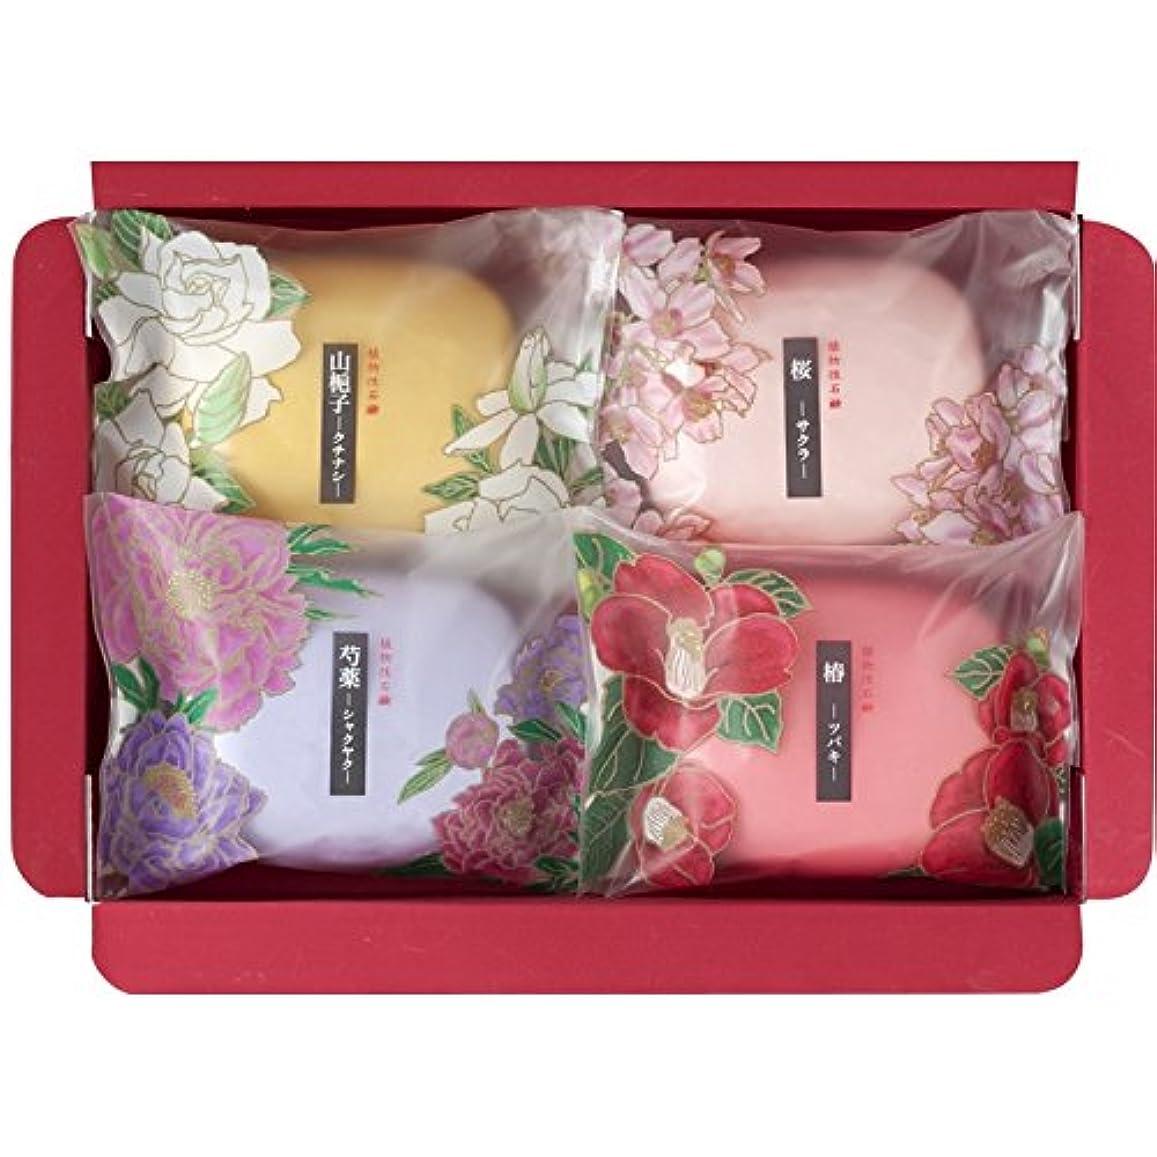 周辺刃ステージ彩花だより 【固形 ギフト せっけん あわ いい香り いい匂い うるおい プレゼント お風呂 かおり からだ きれい つめあわせ 日本製 国産 500】